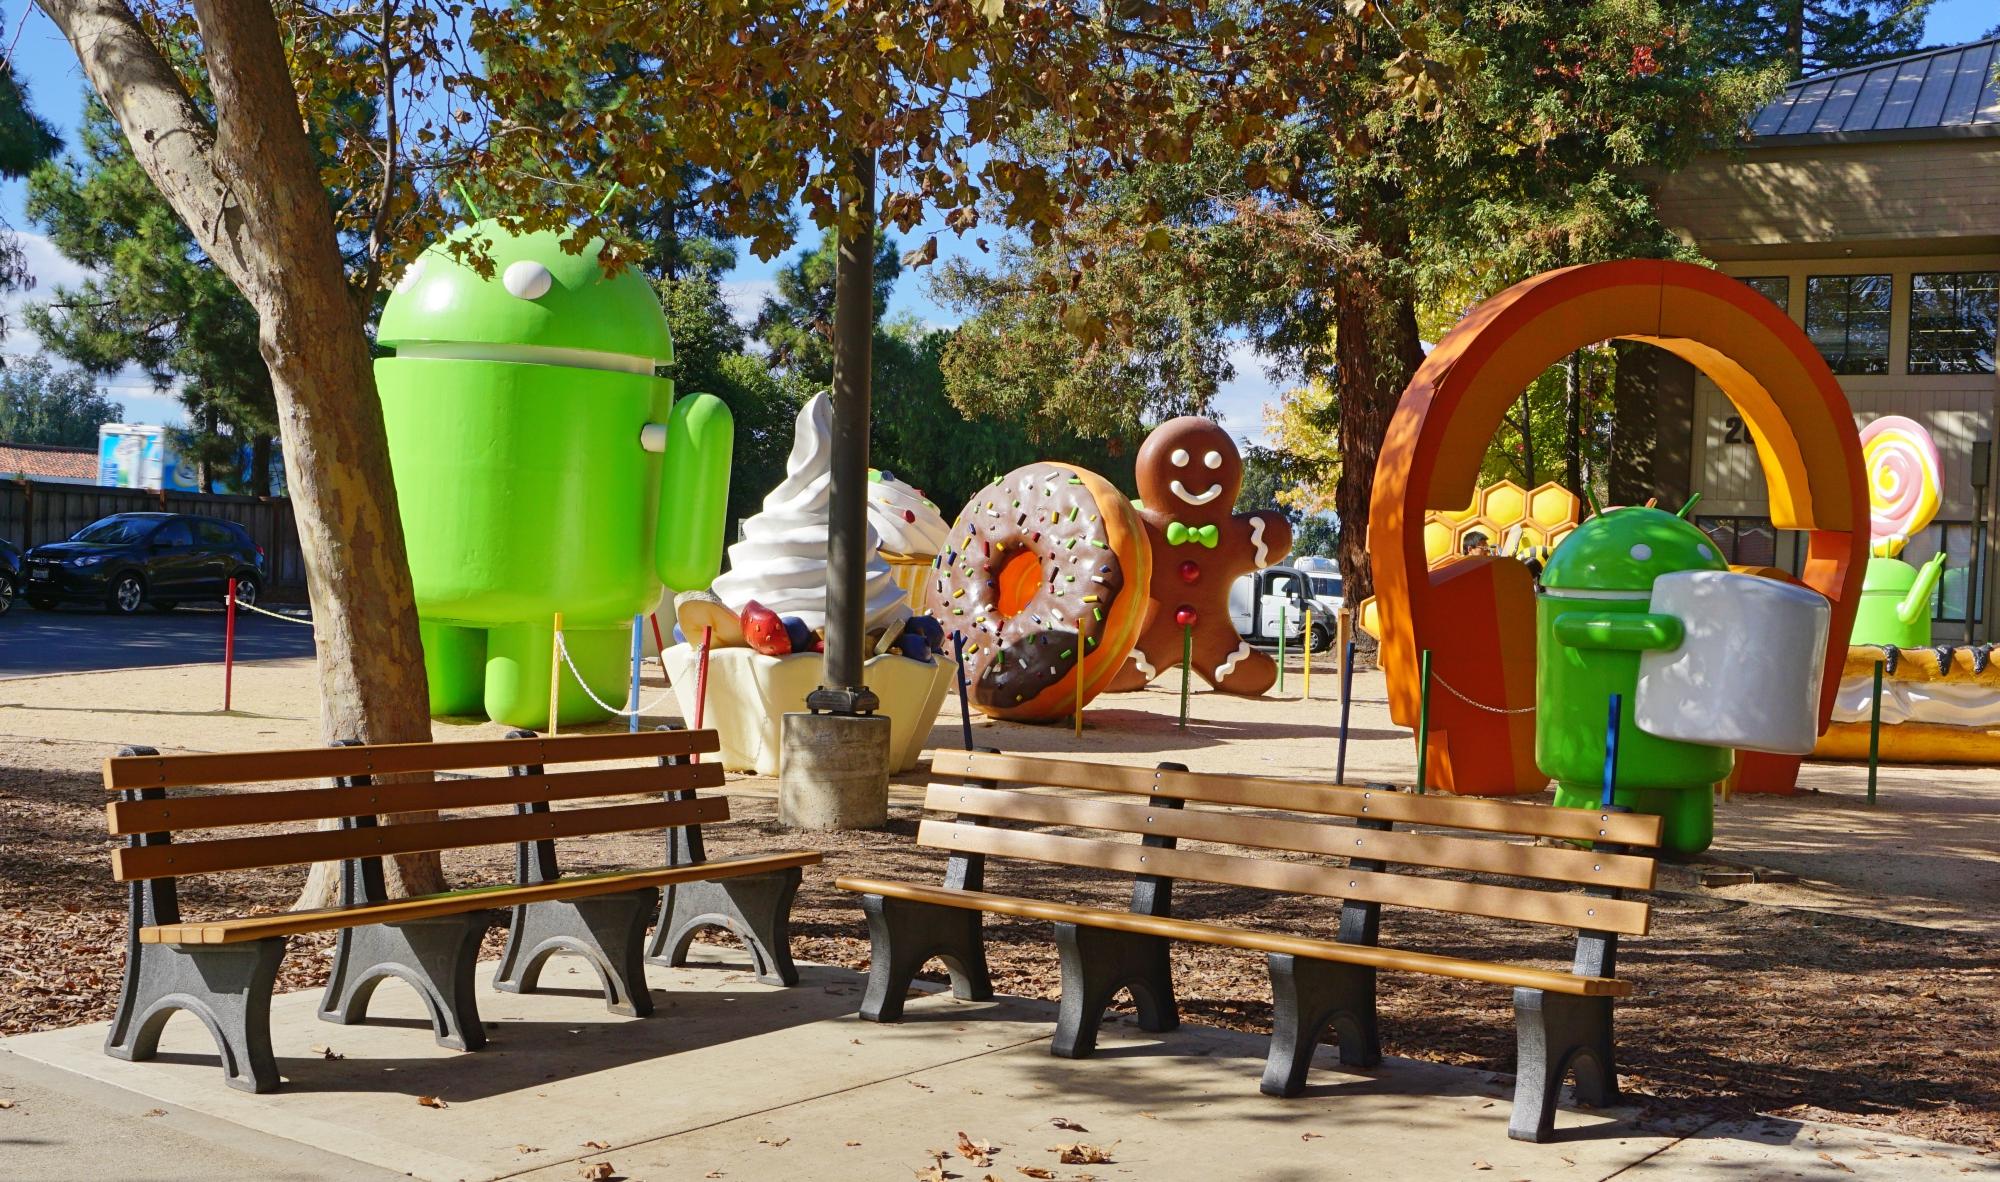 visitar a lojinha do Google